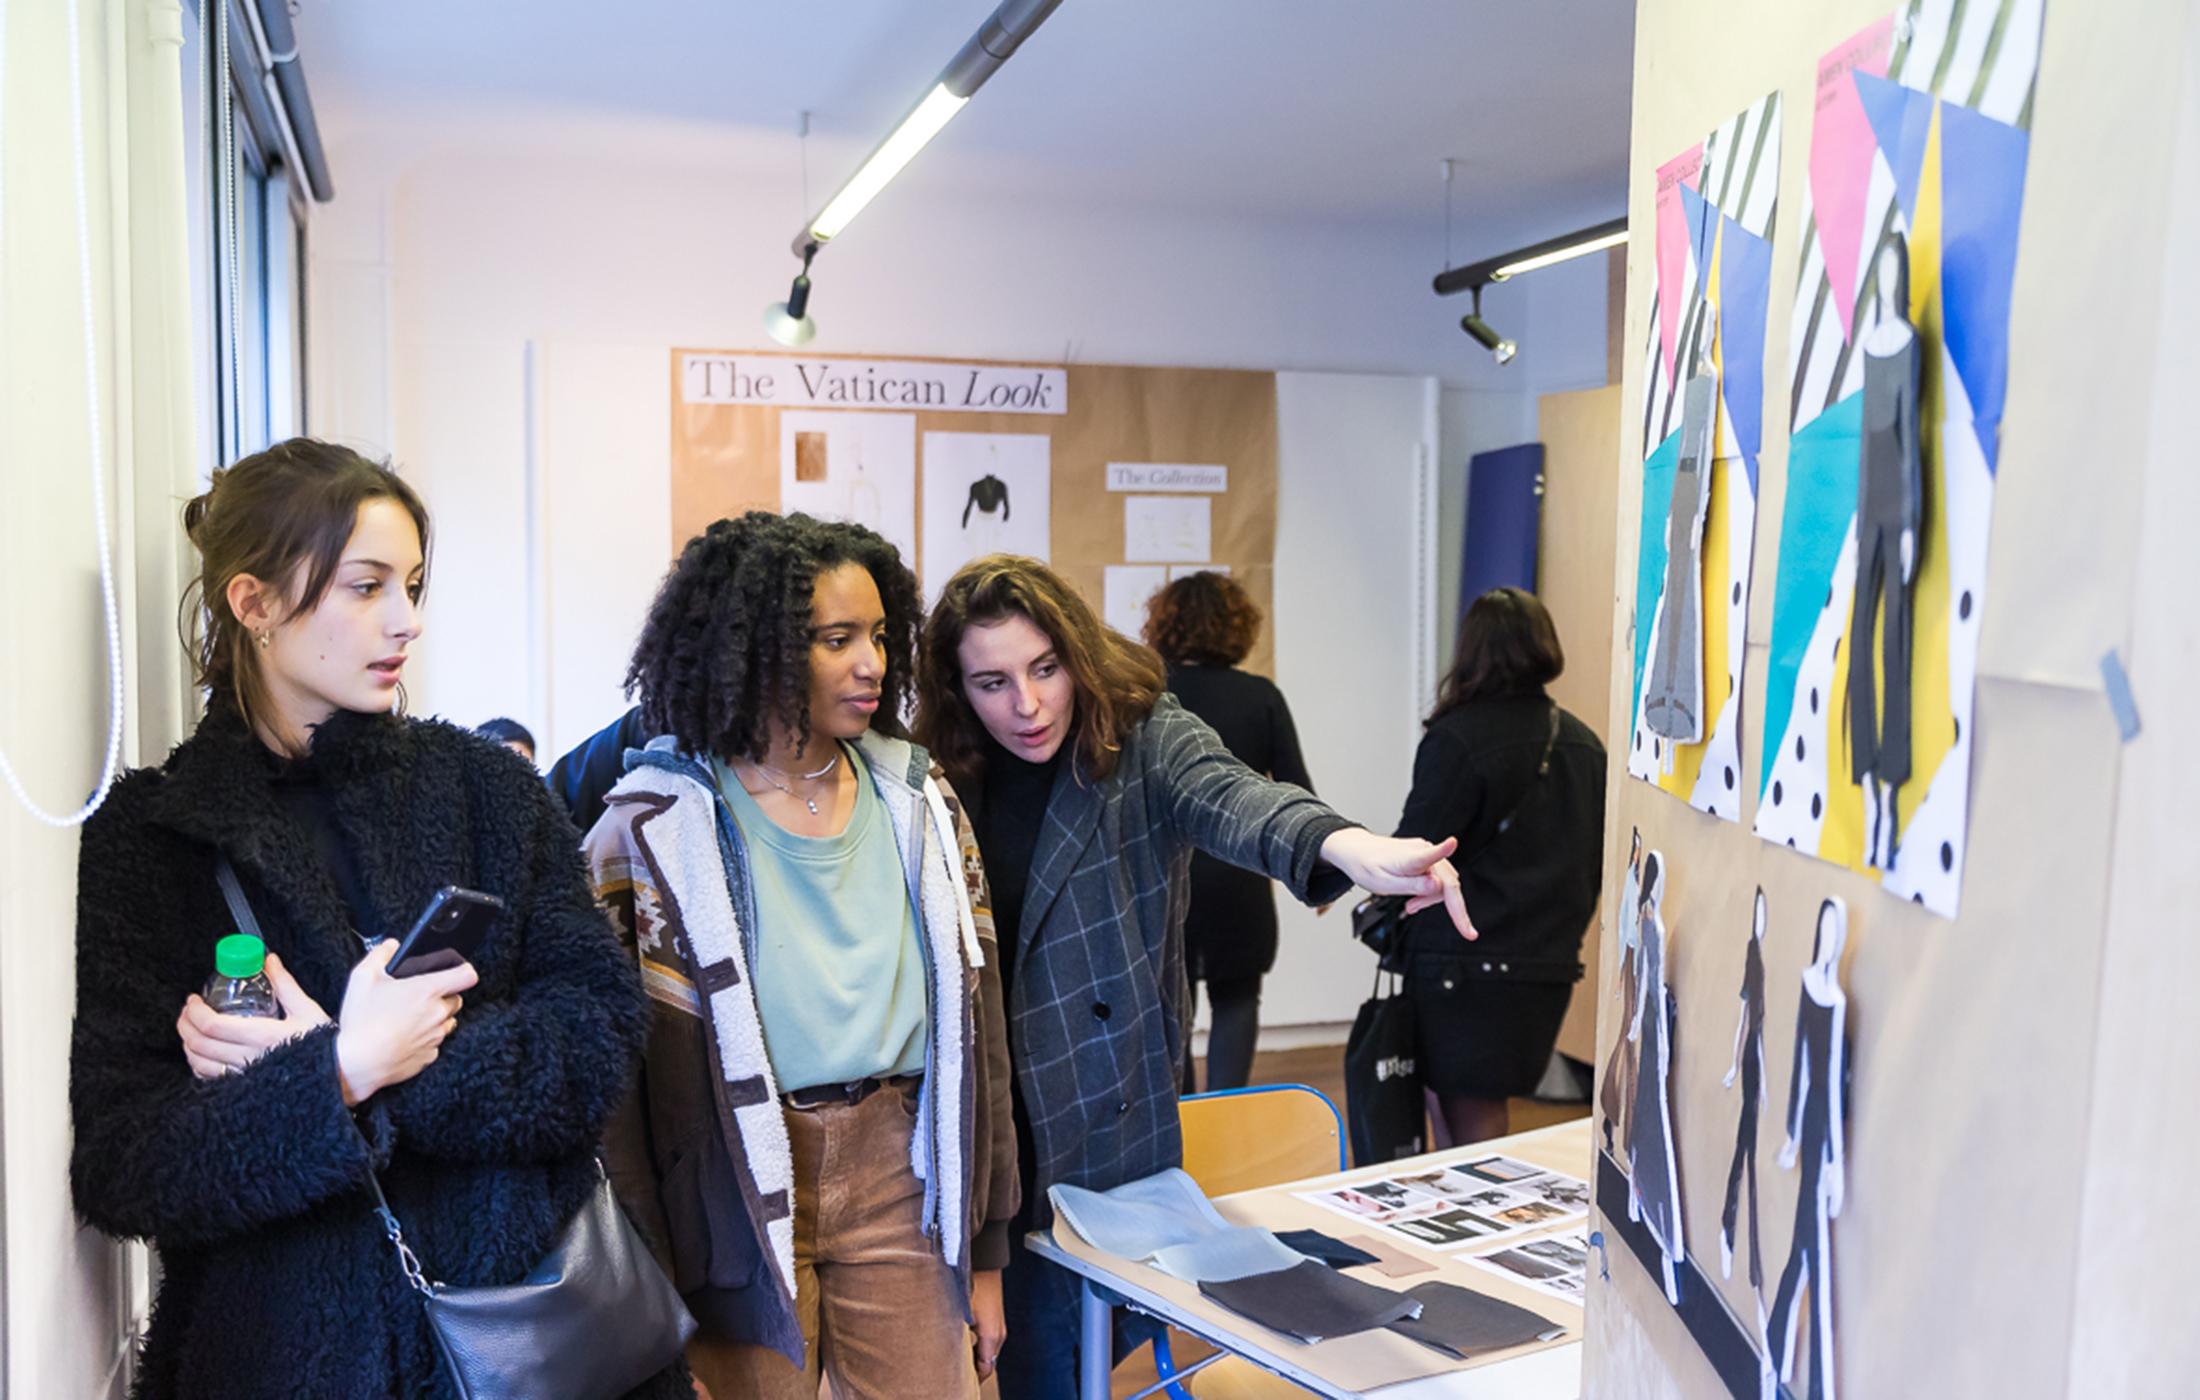 Architecte Interieur Paris 18 École supérieure des arts modernes - design - paris